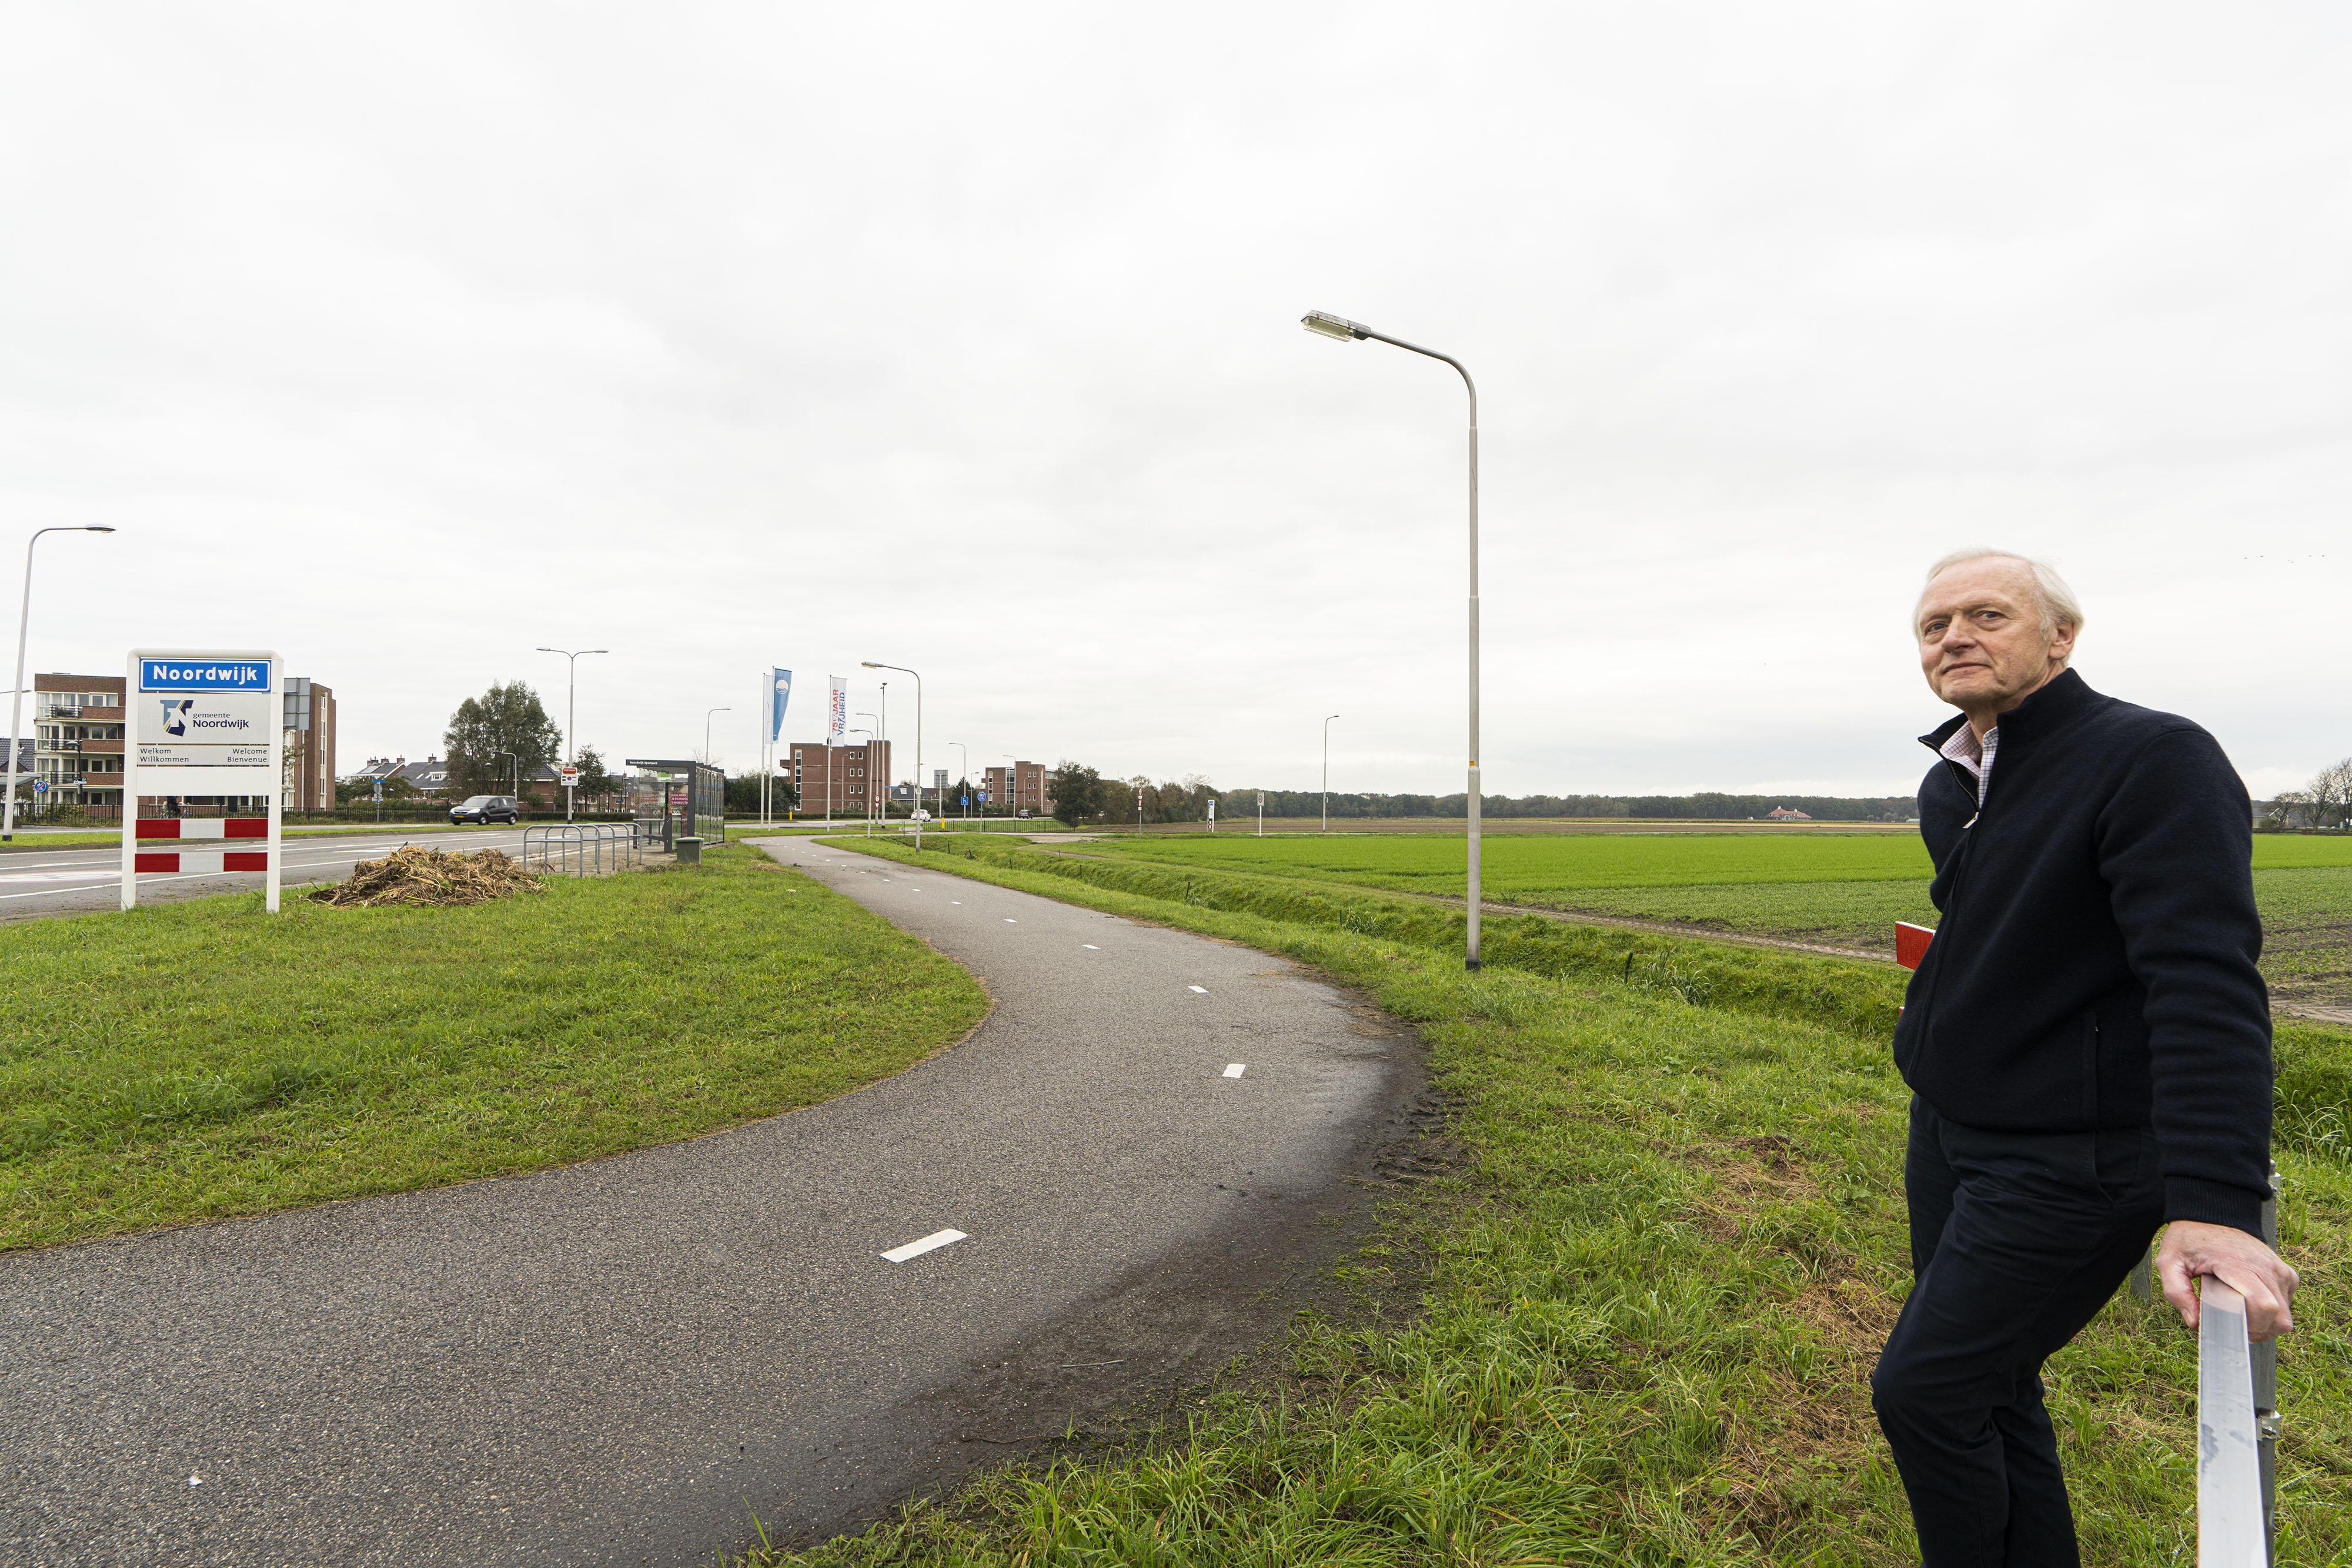 Afzwaaiend voorzitter huurdersbelangenvereniging ontevreden over Noordwijks bouwbeleid: 'Mensen uit de zorg en het onderwijs moeten fatsoenlijk kunnen wonen'